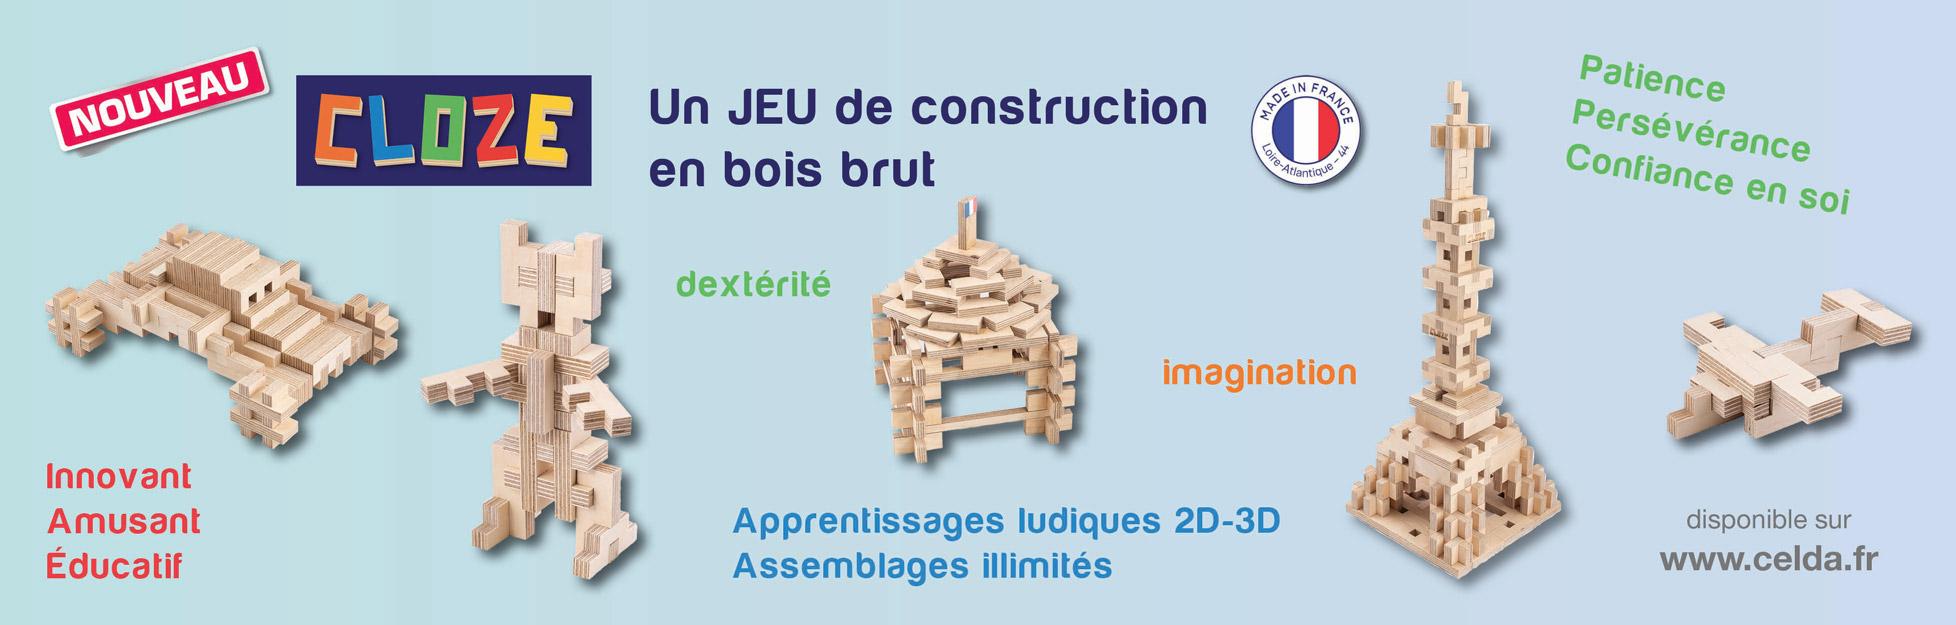 CLOZE - Un jeu de construction en bois brut